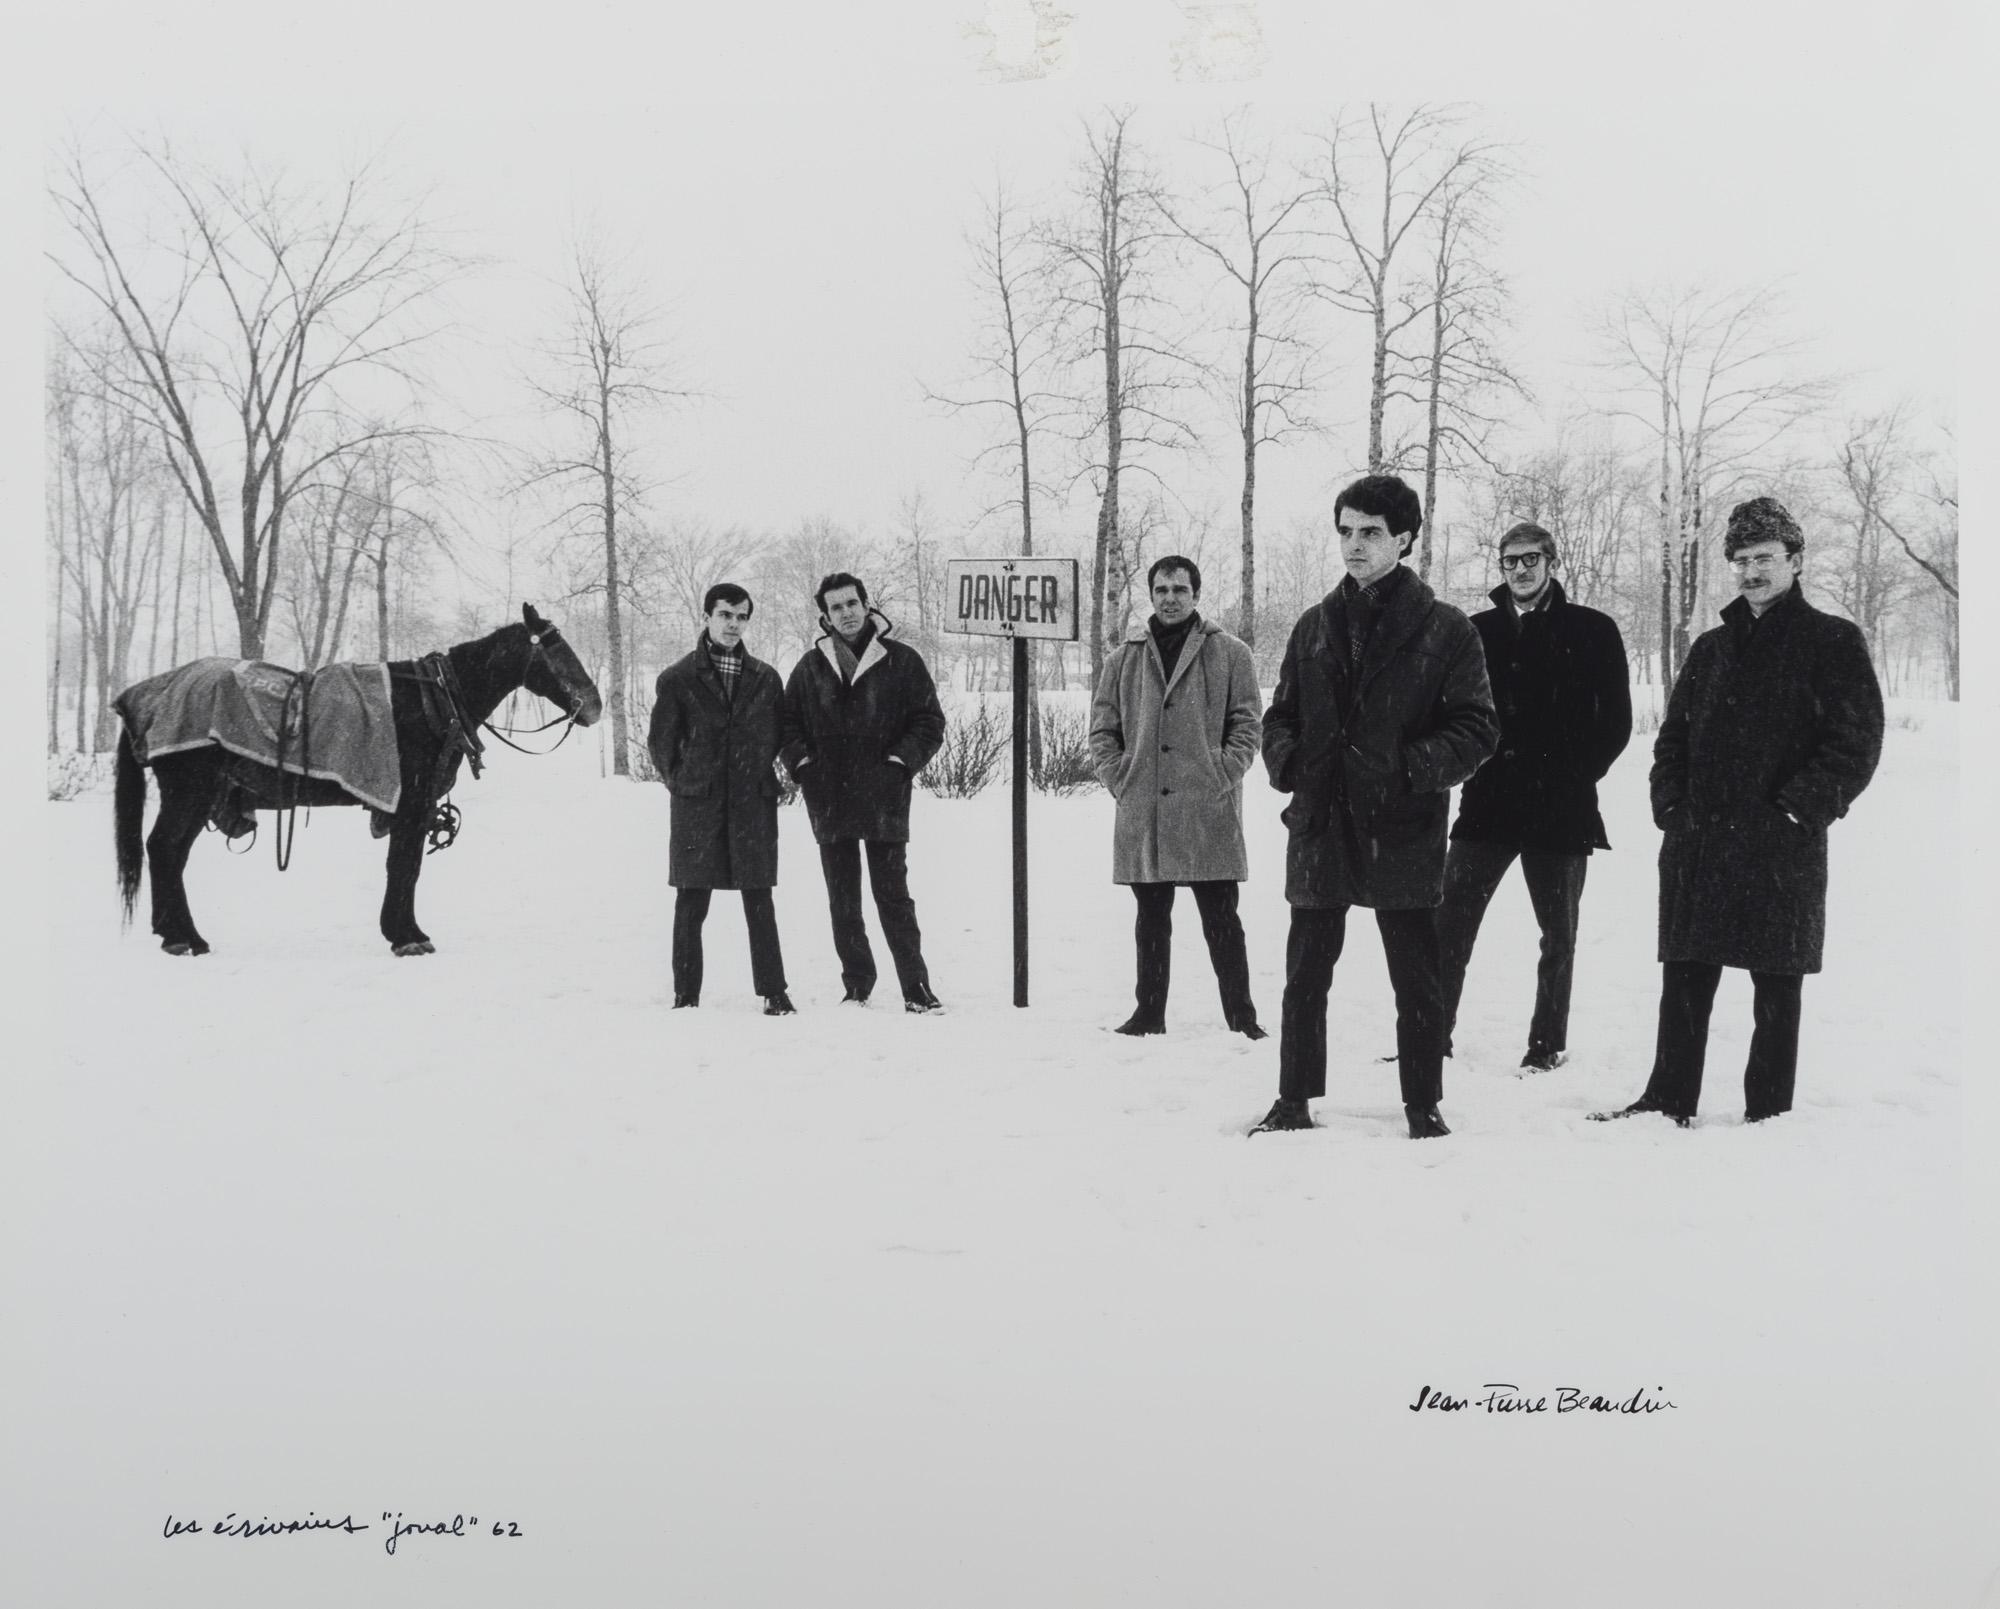 Les écrivains « joual » 62, André Major, Gérald Godin, Claude Jasmin, Jacques Renaud, Laurent Girouard, Paul Chamberland, [1963?].